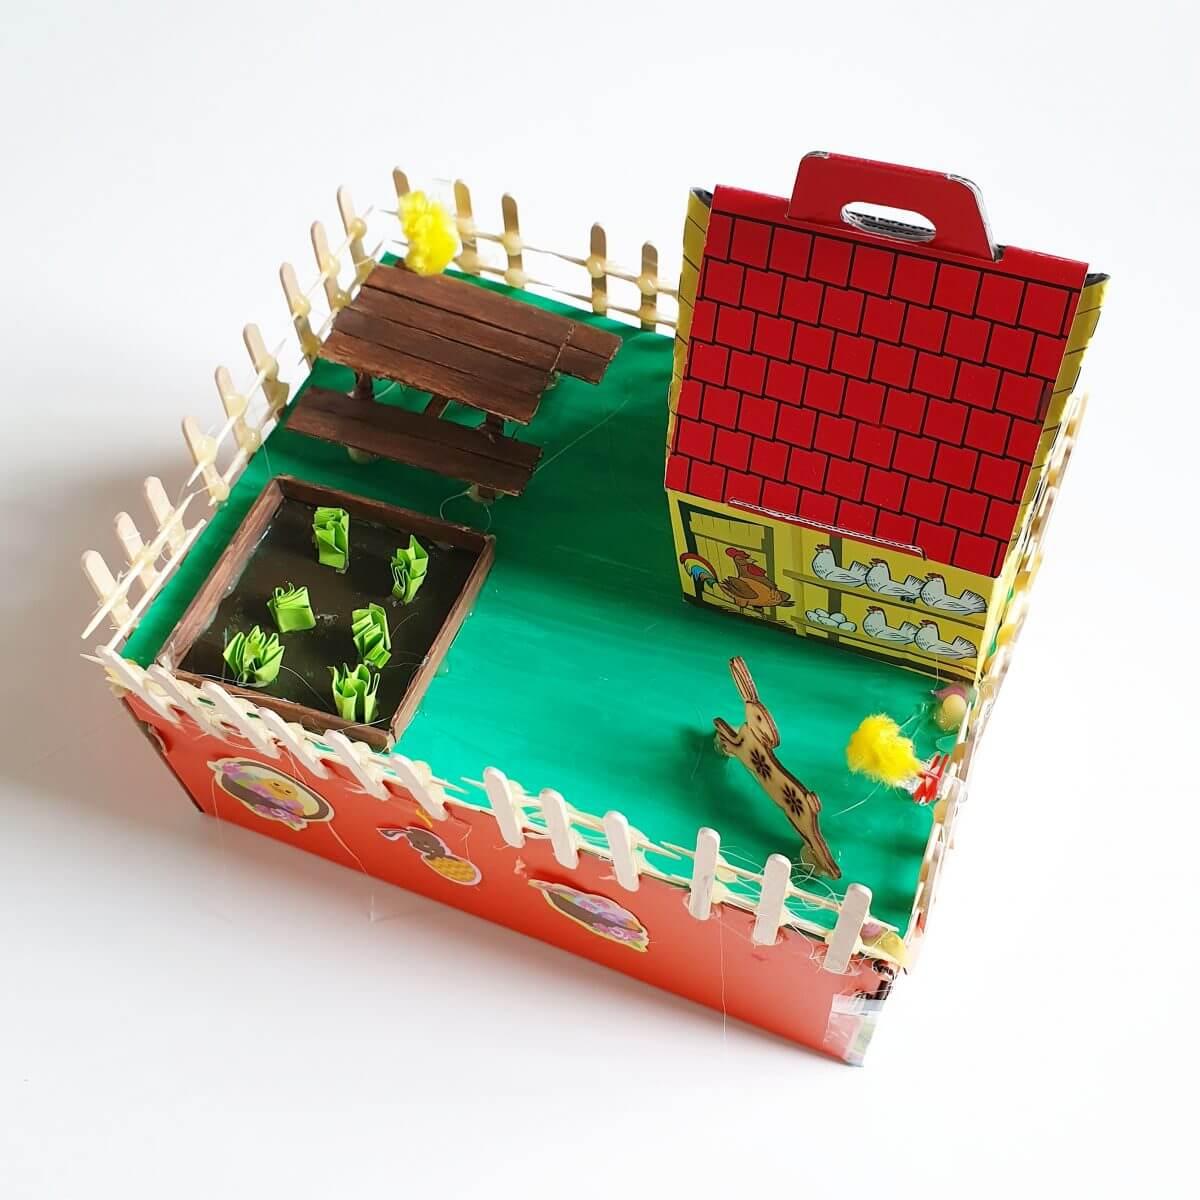 Paasdoos knutselen: de leukste ideeën voor het paasontbijt op school, huisje met tuin en knutselen